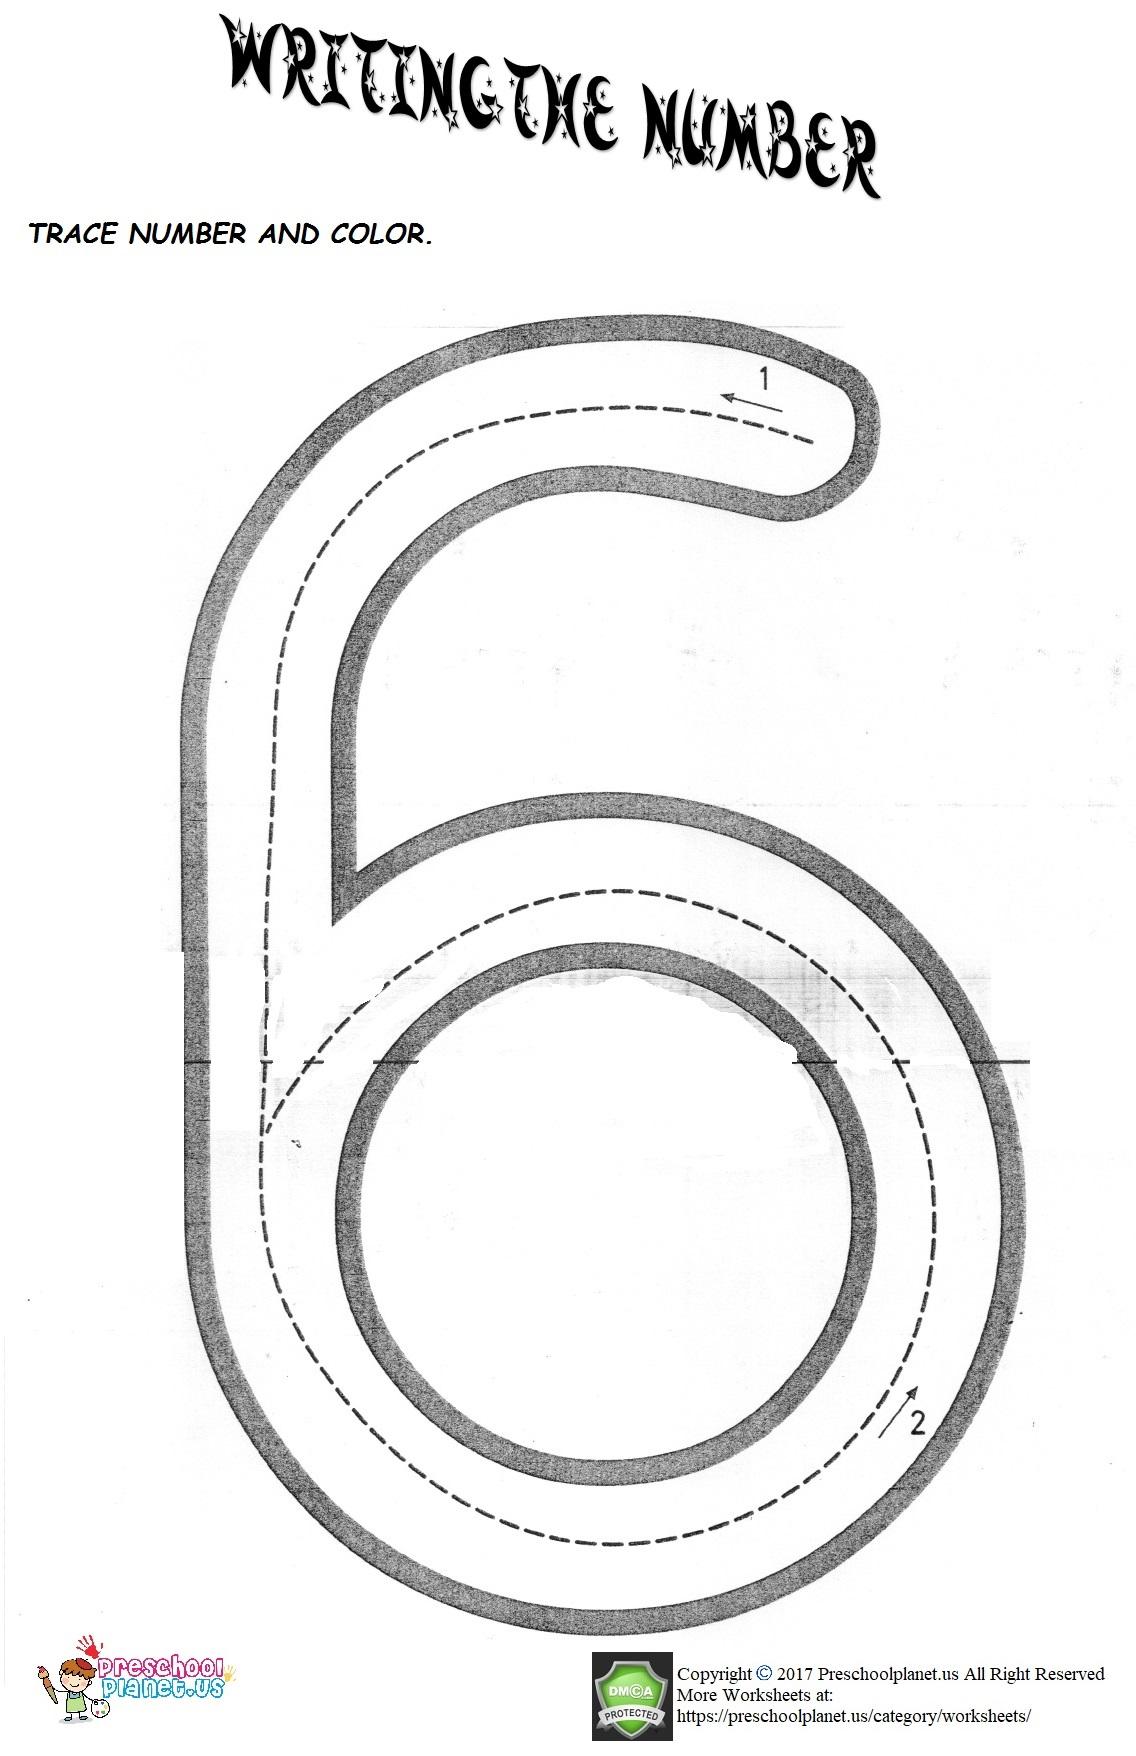 Number 6 Worksheet Preschoolplanet